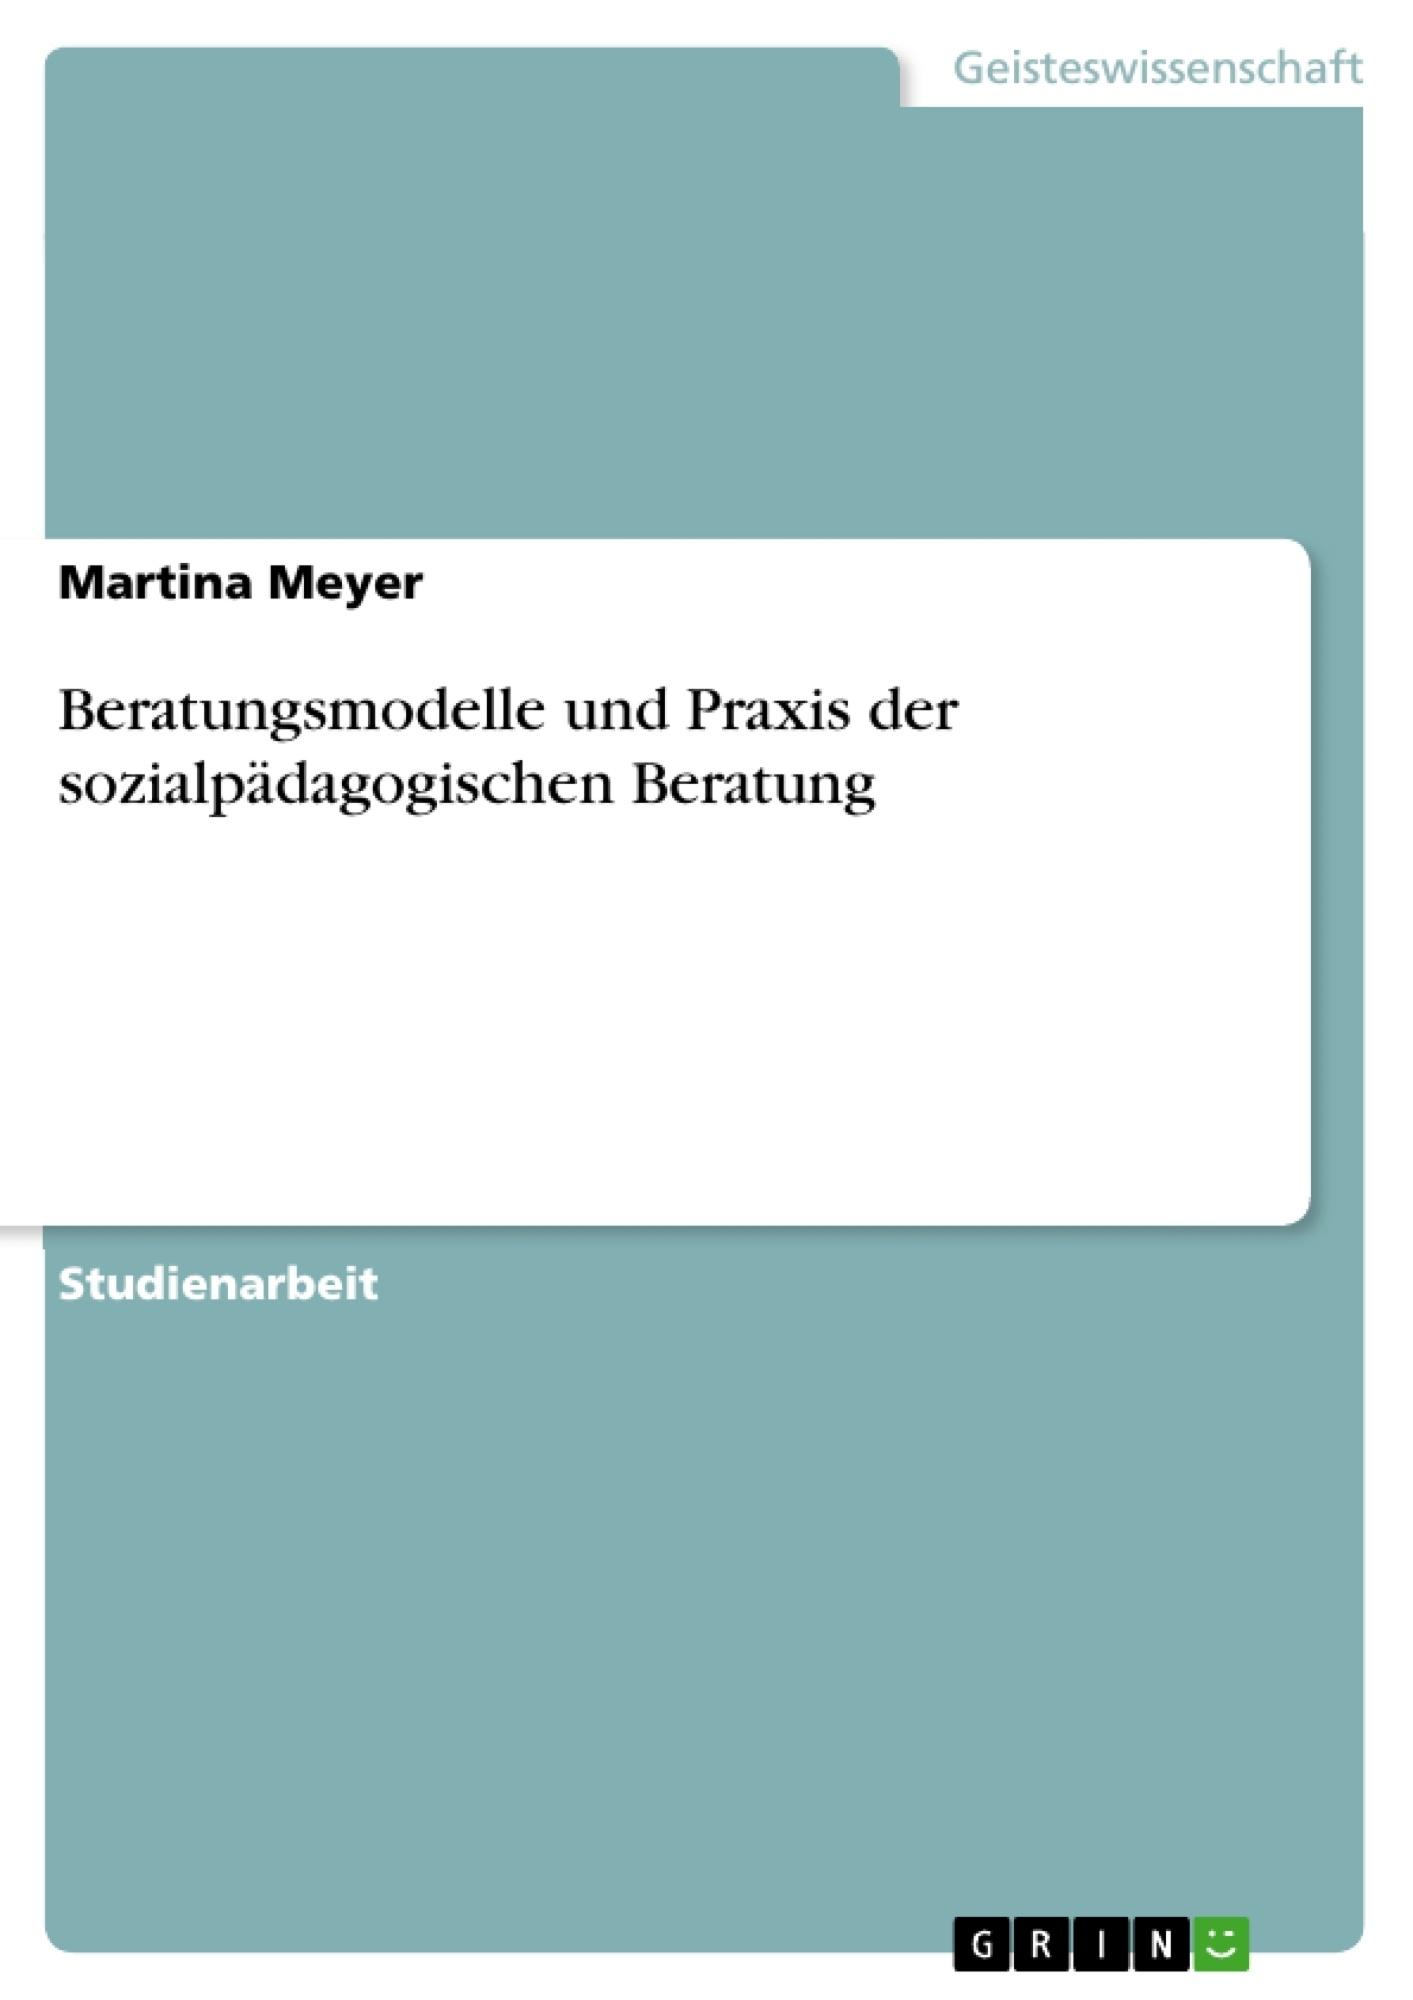 Titel: Beratungsmodelle und Praxis der sozialpädagogischen Beratung